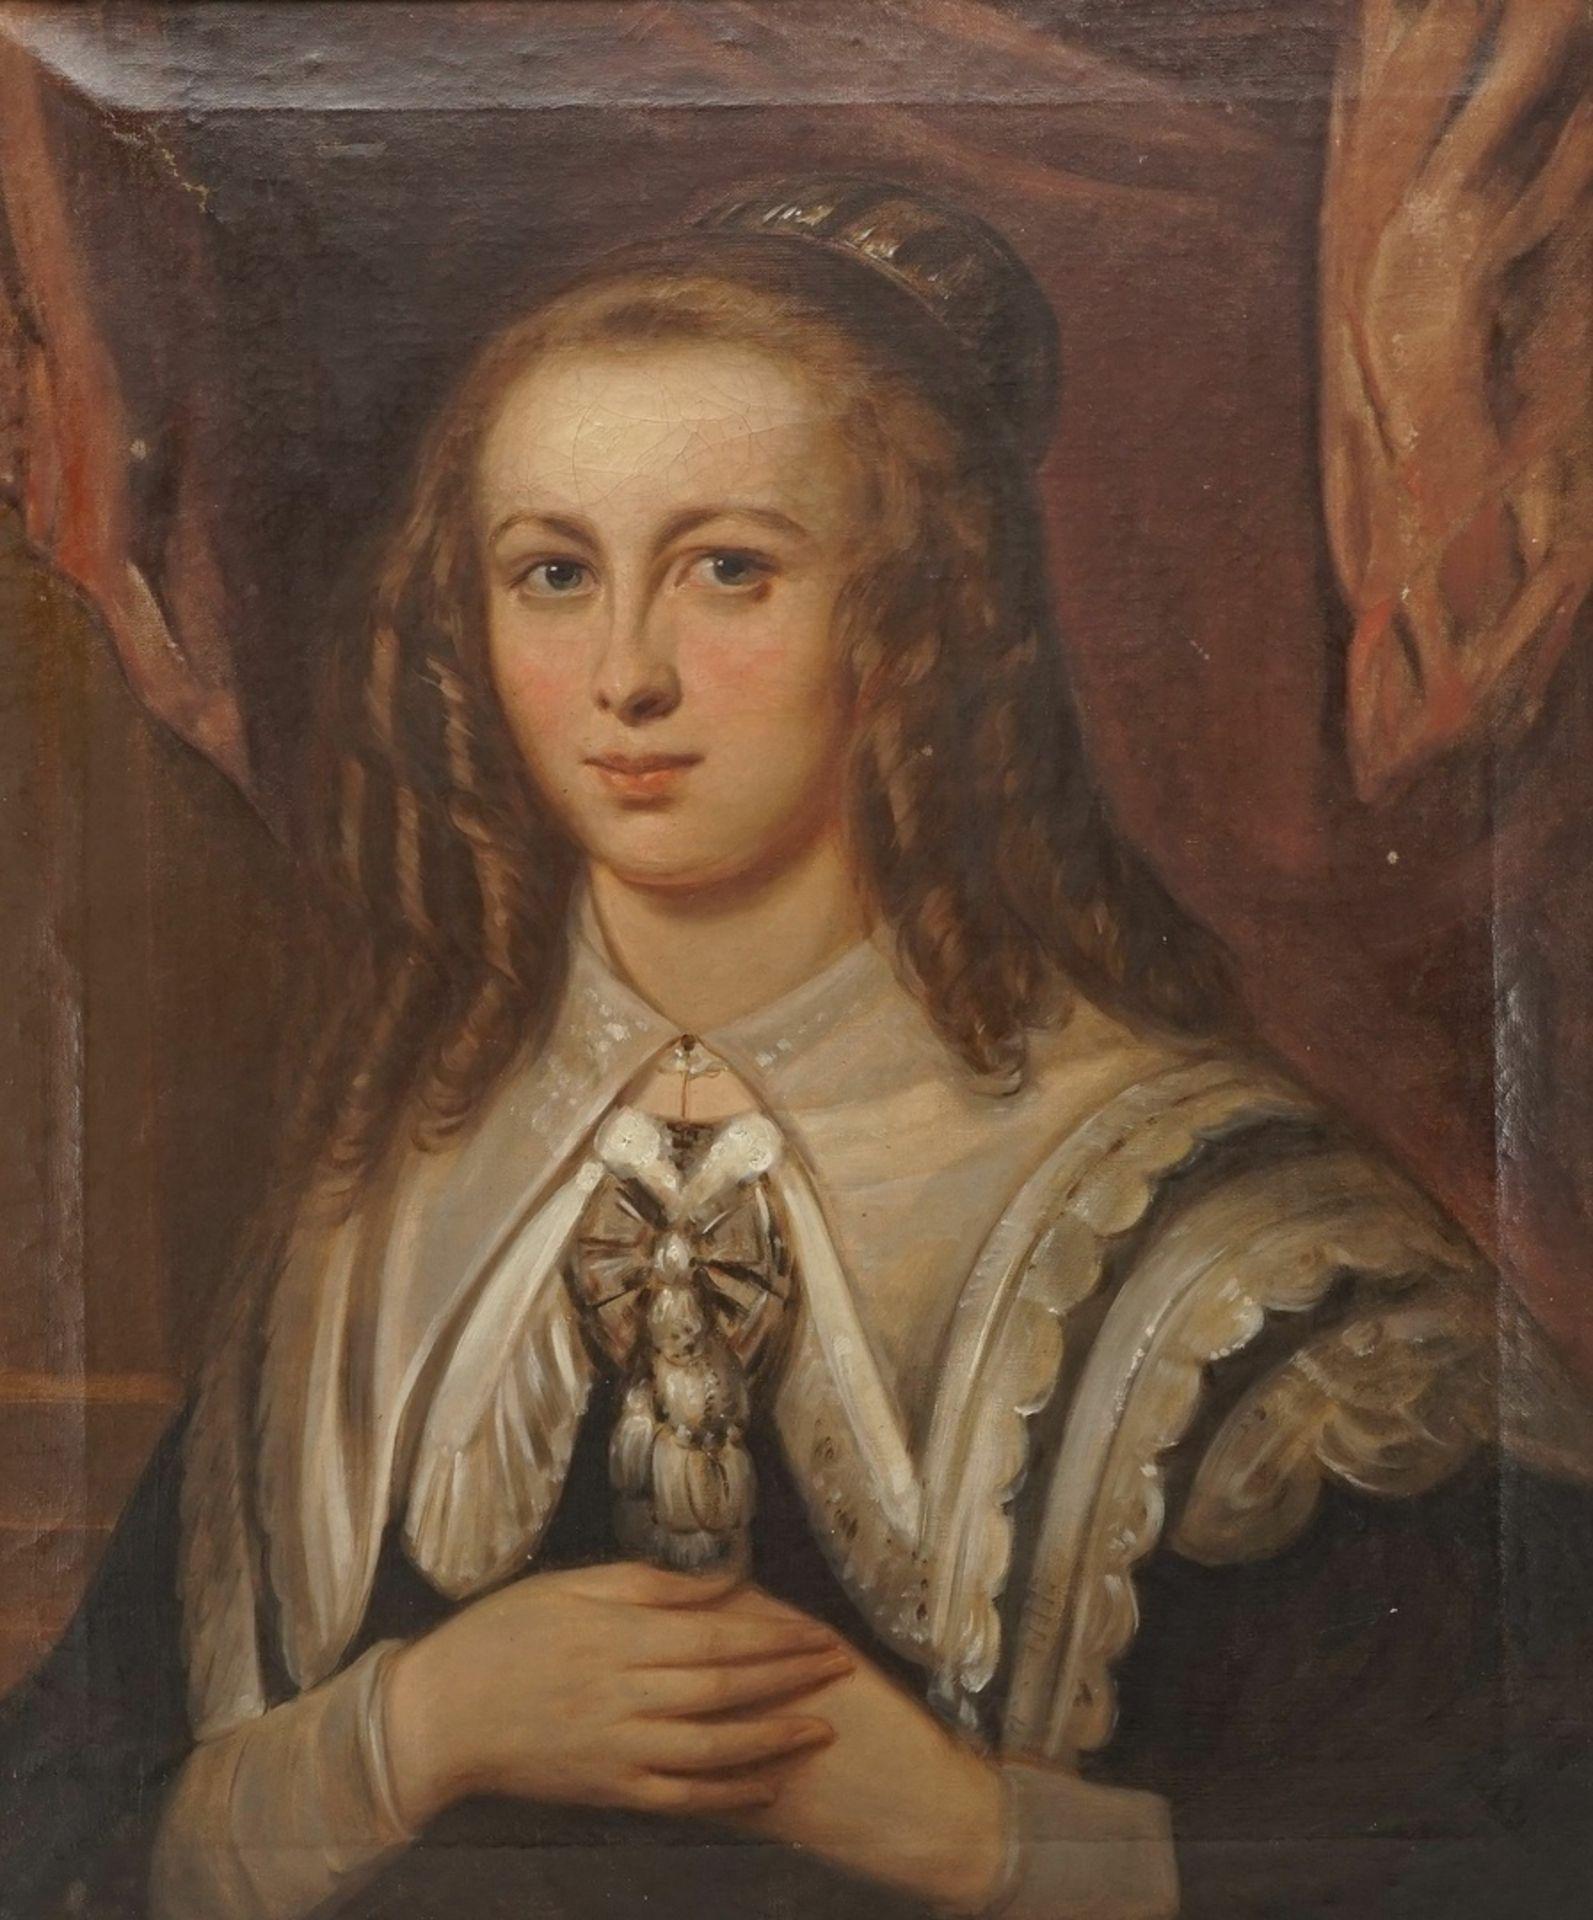 Philipp Wirth, Brustbild einer jungen Dame